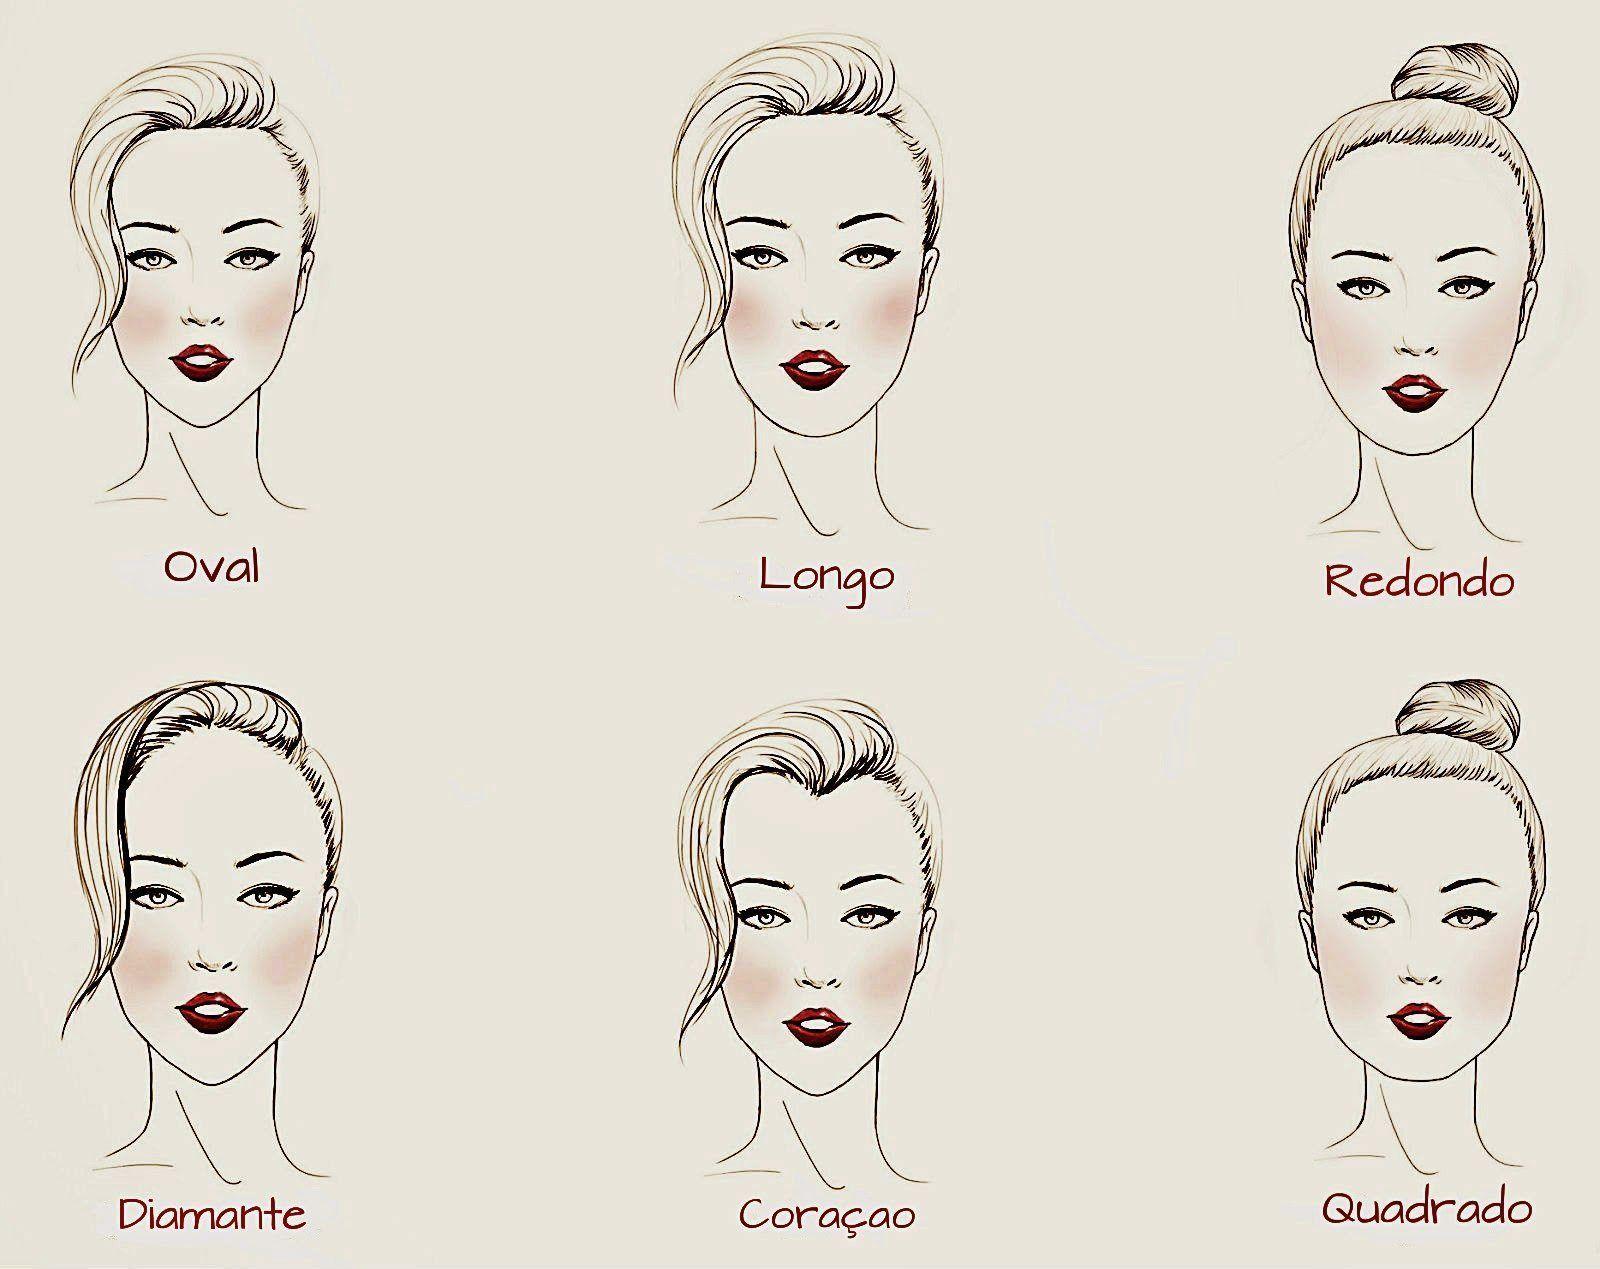 b22058dcbde03 Veja as mais lindas fotos de cortes de cabelos para rosto redondo!  Selecionamos fotos com ideias incríveis para quem tem este formato de rosto!